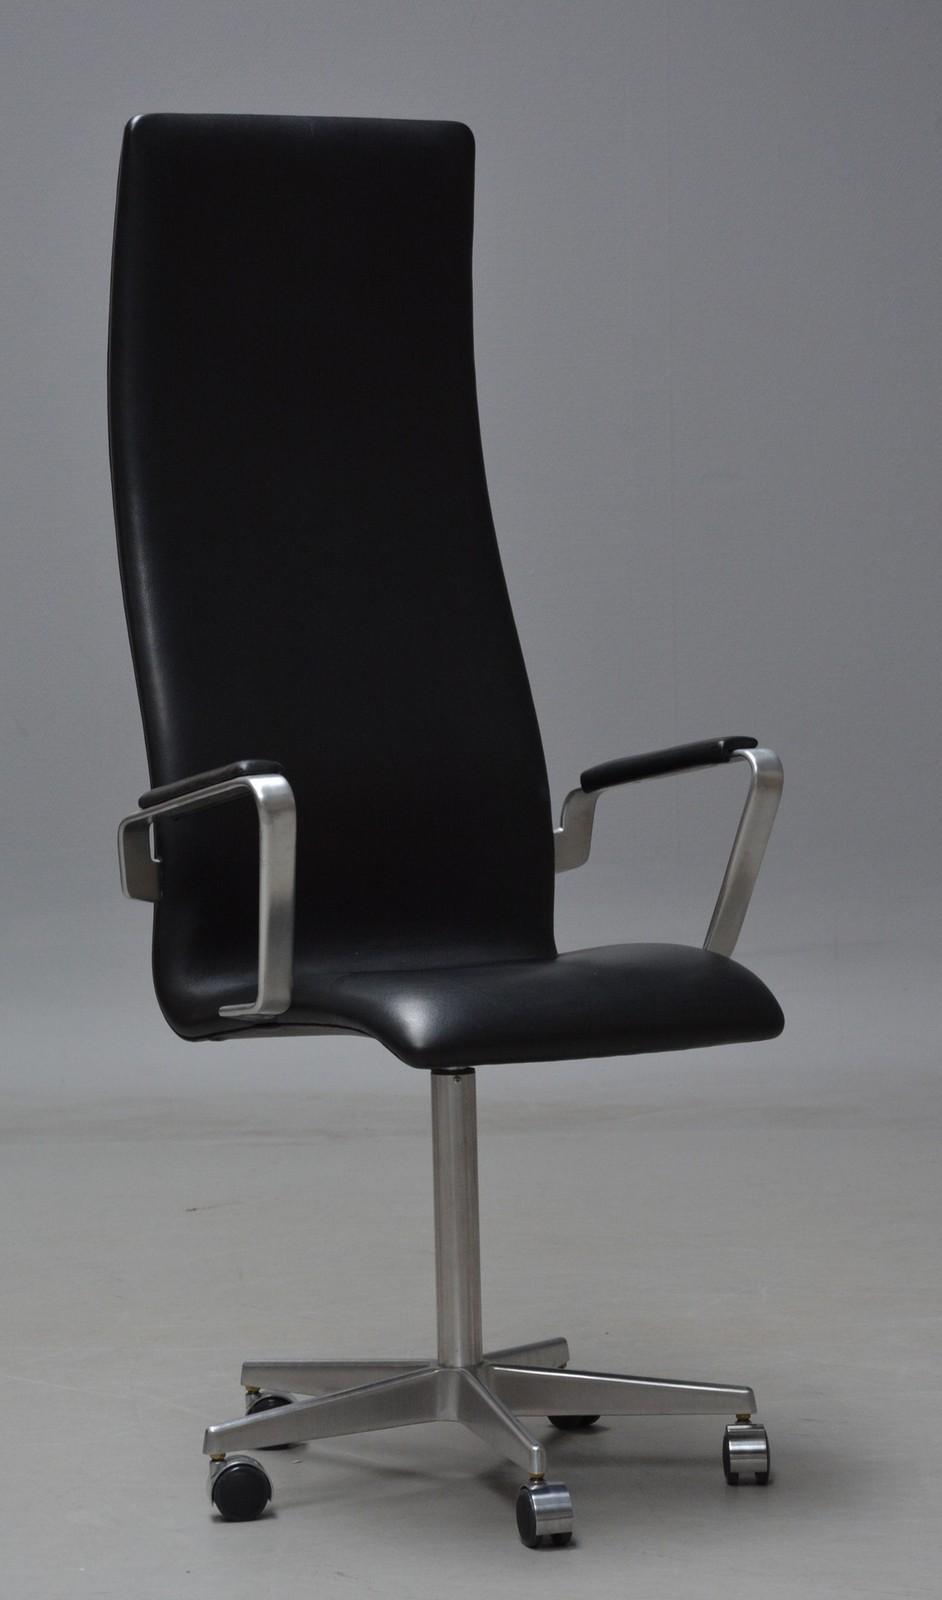 Arne Jacobsen. Højrygget Oxford kontorstol, model 3292